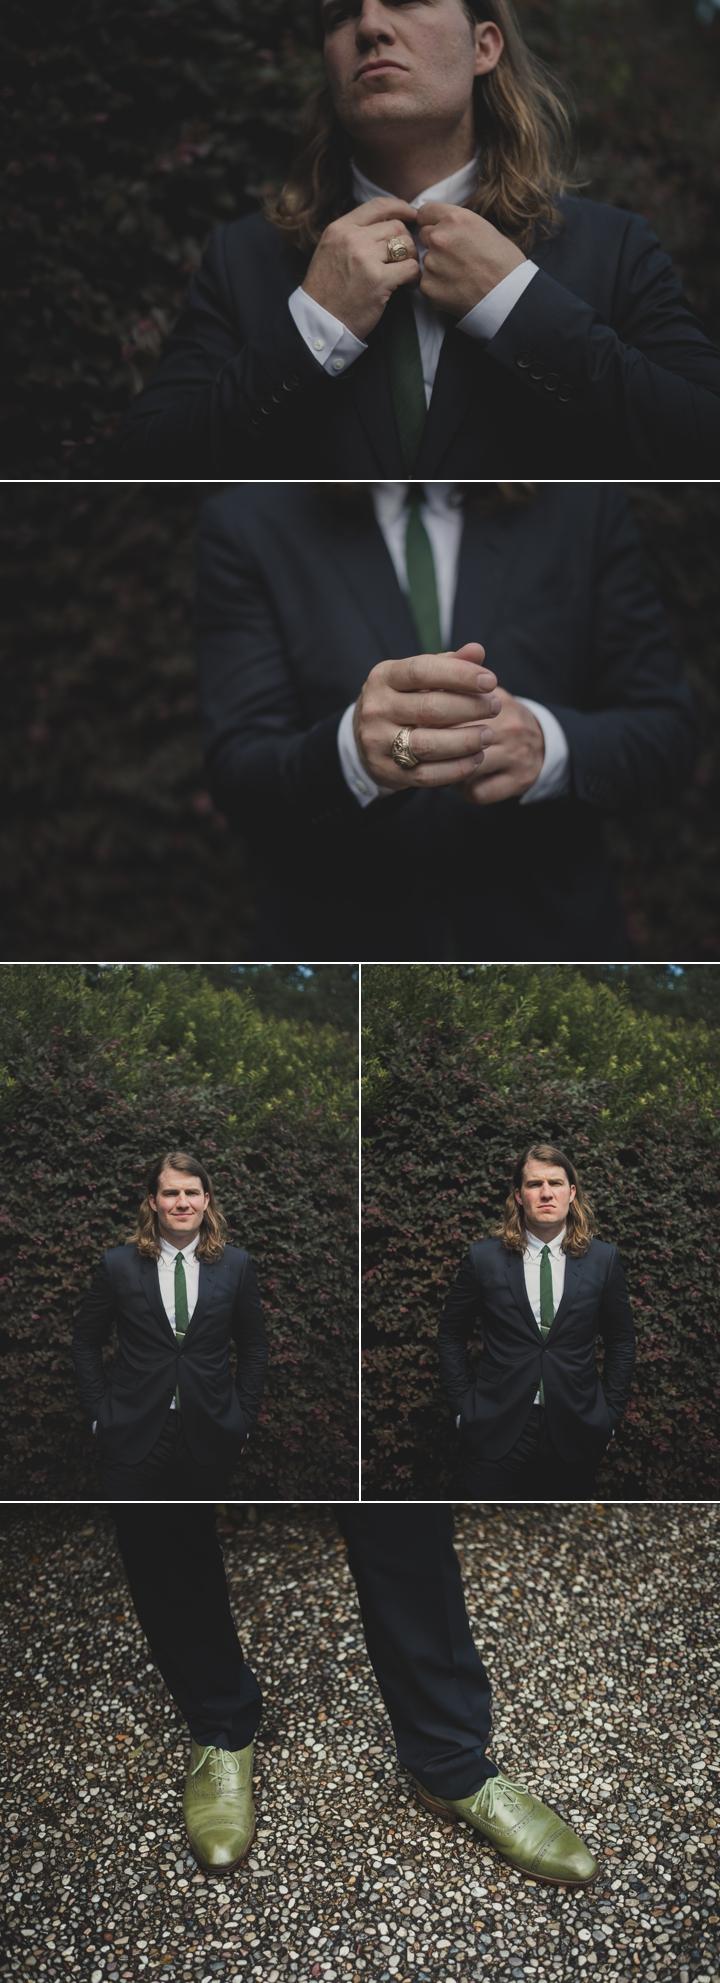 denver-wedding-photographers-rs 7.jpg